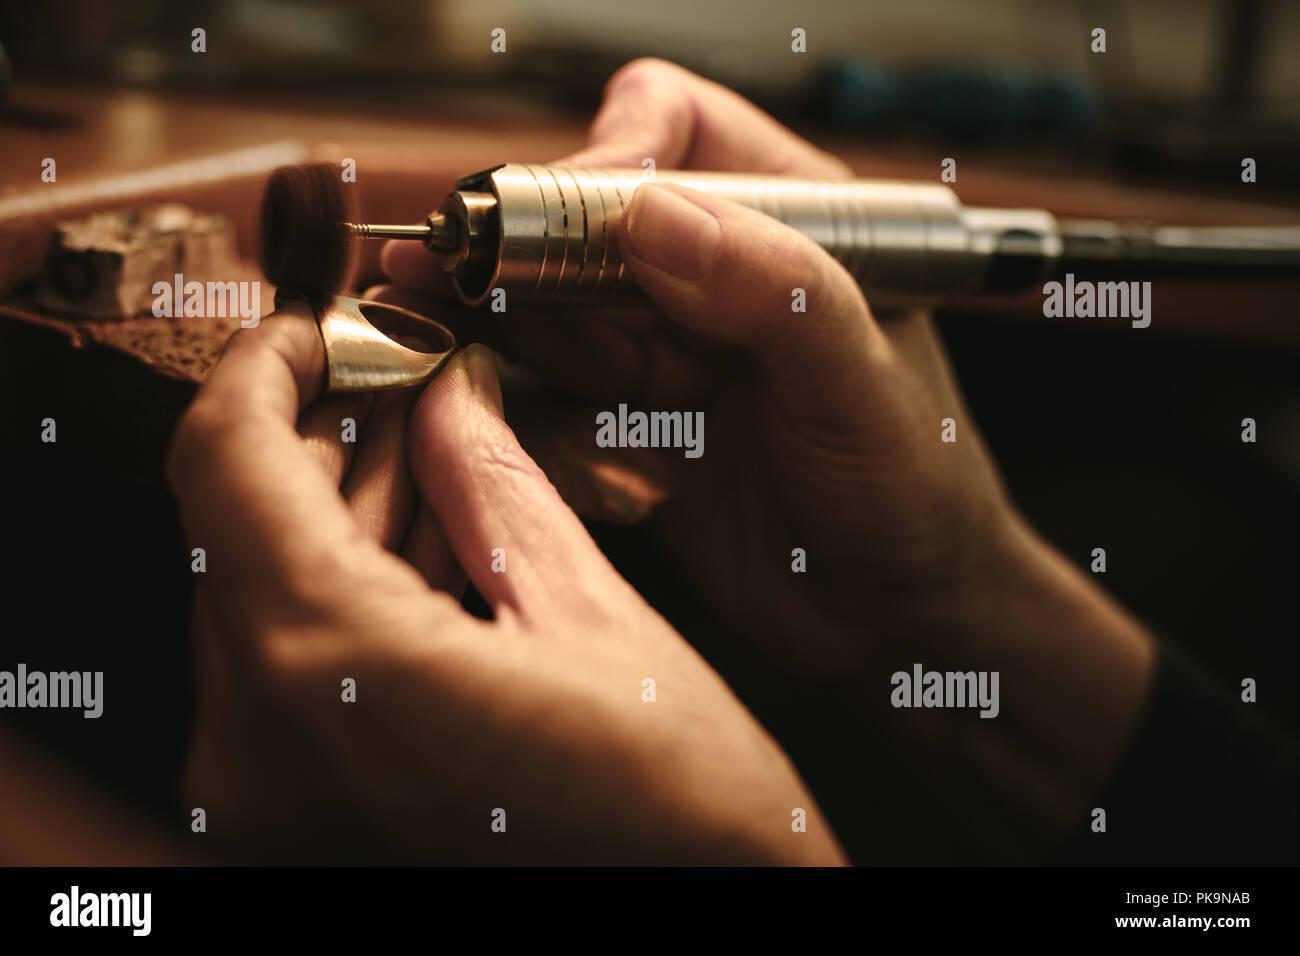 a58de6139c73 Manos de mujer jeweler pulir un anillo con superficie máquina de moler.  Goldsmith haciendo una